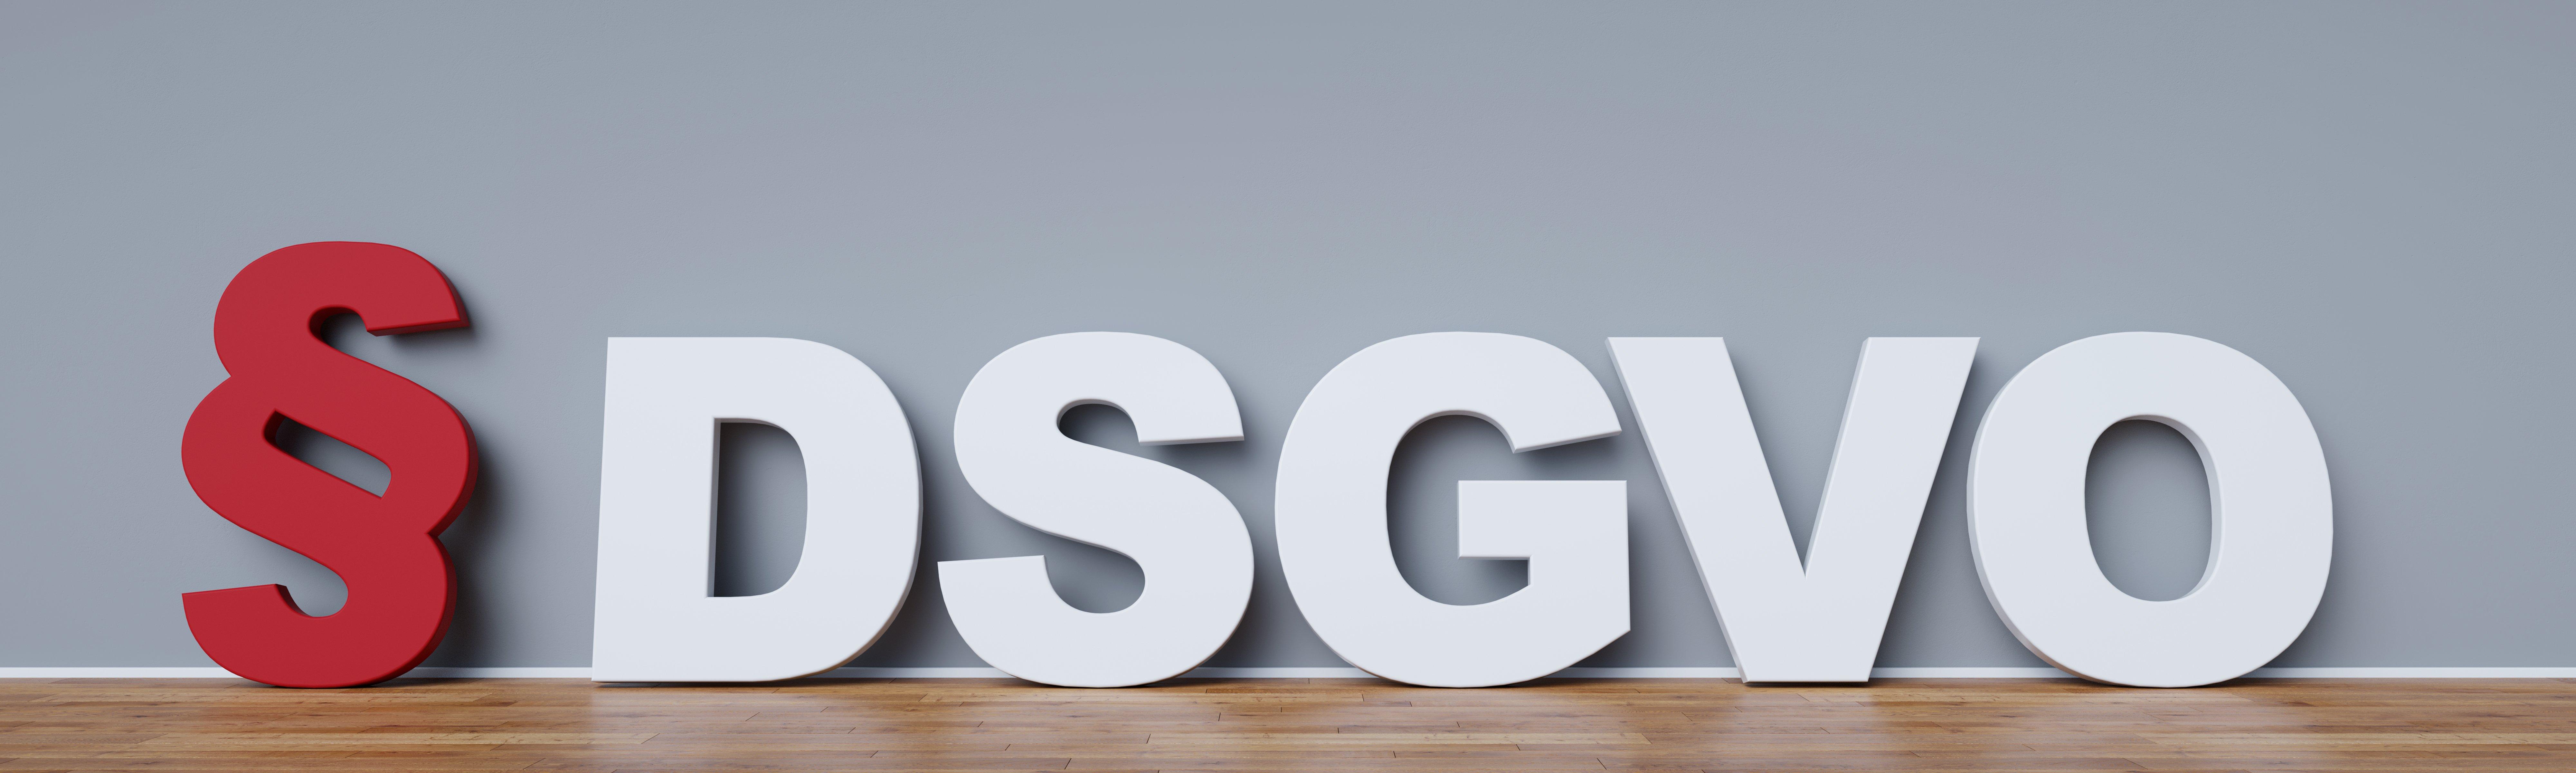 DSGVO HubSpot